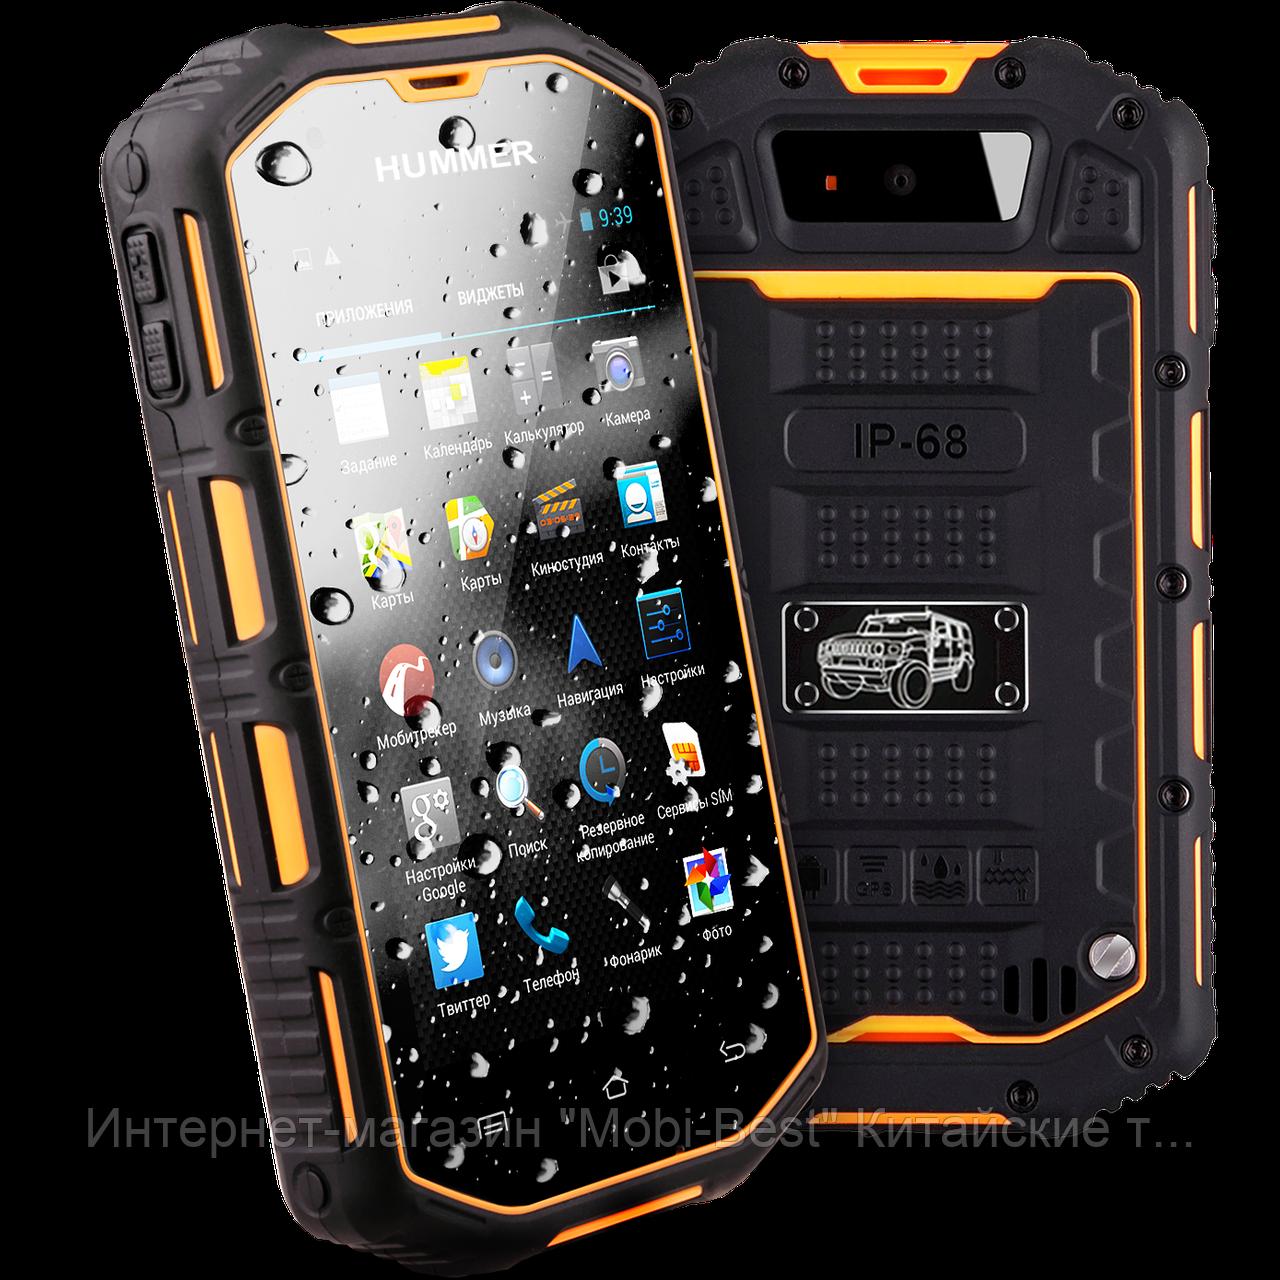 сенсорный телефон водонепроницаемый противоударный